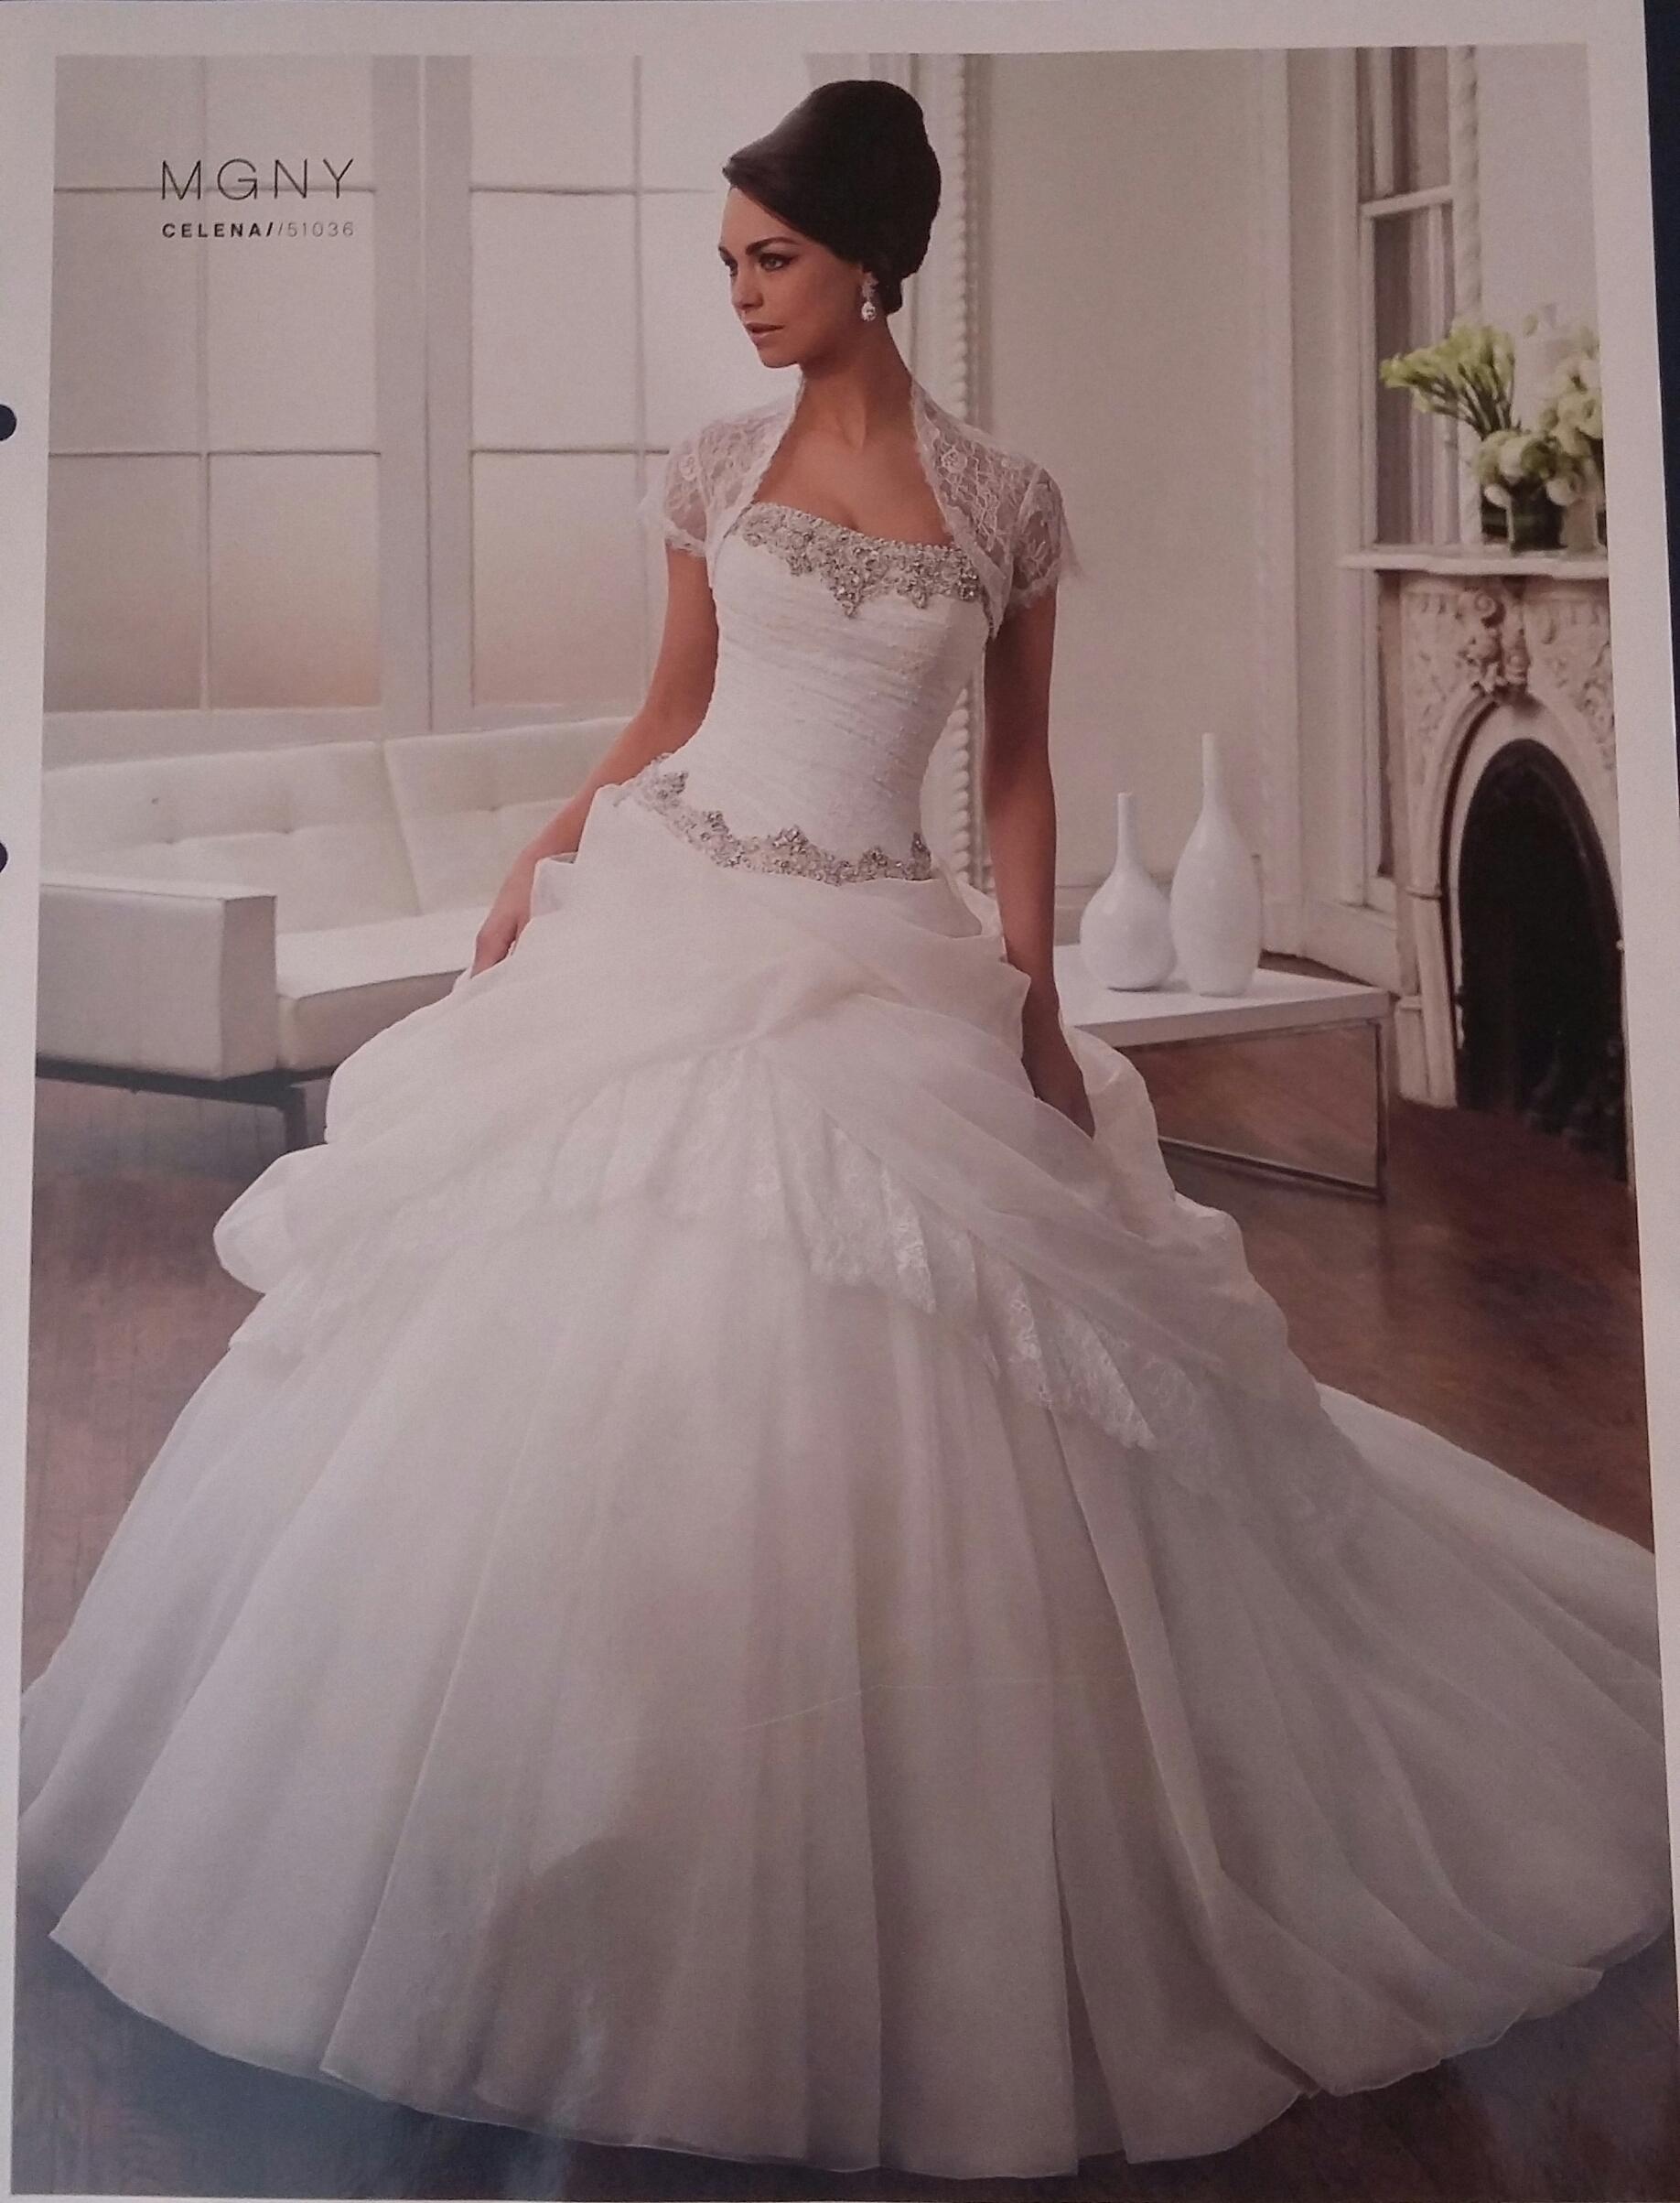 Abiti da sposa a 600 euro